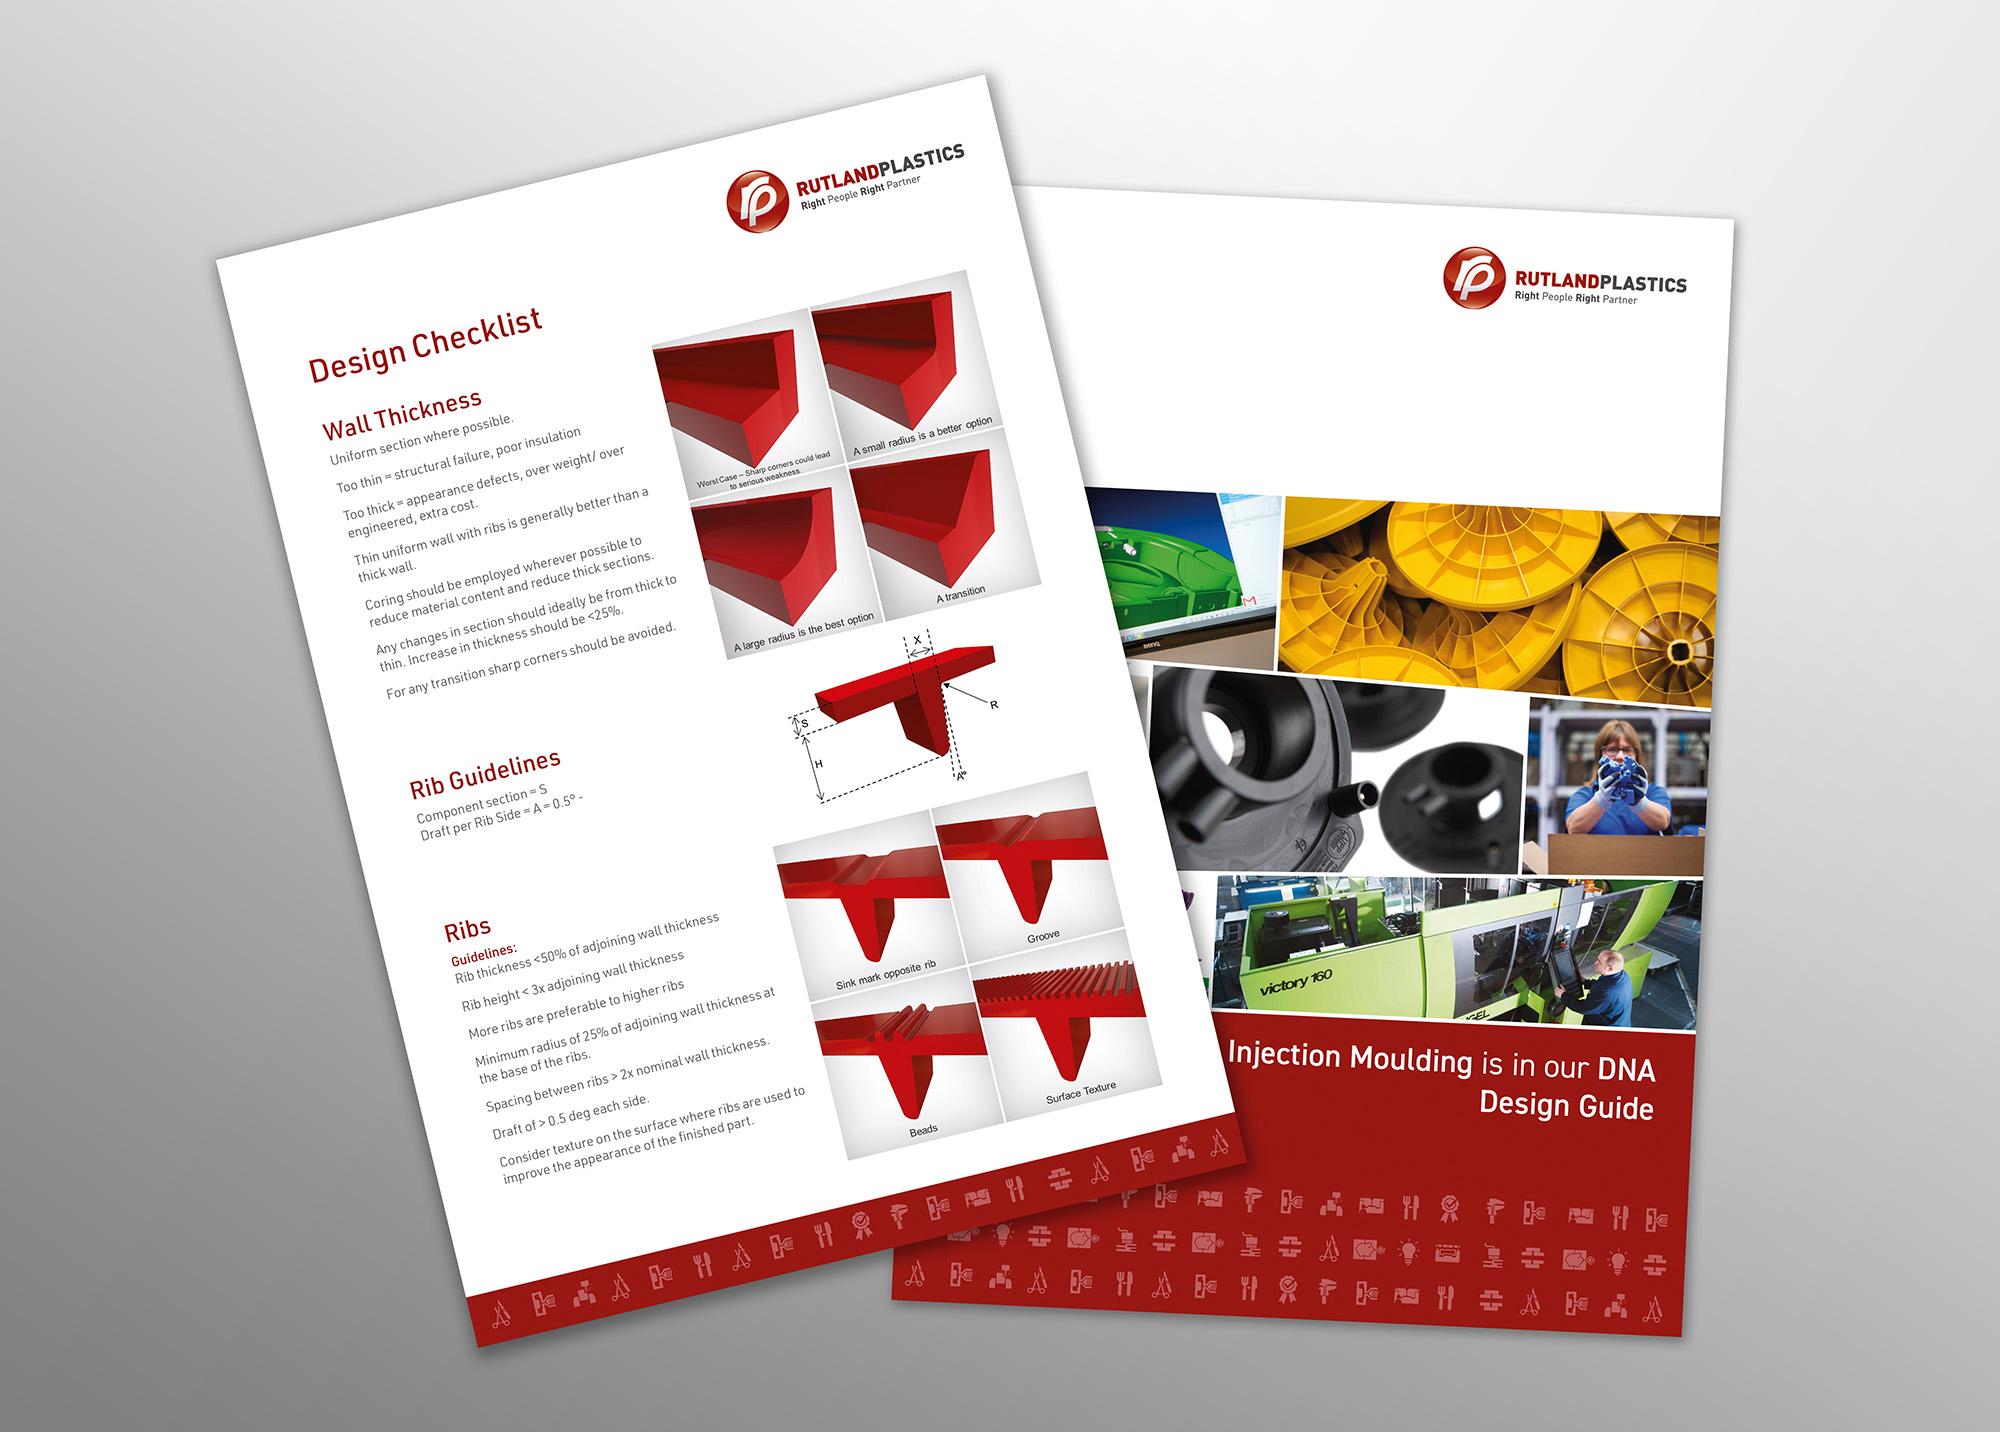 Design Guide Image